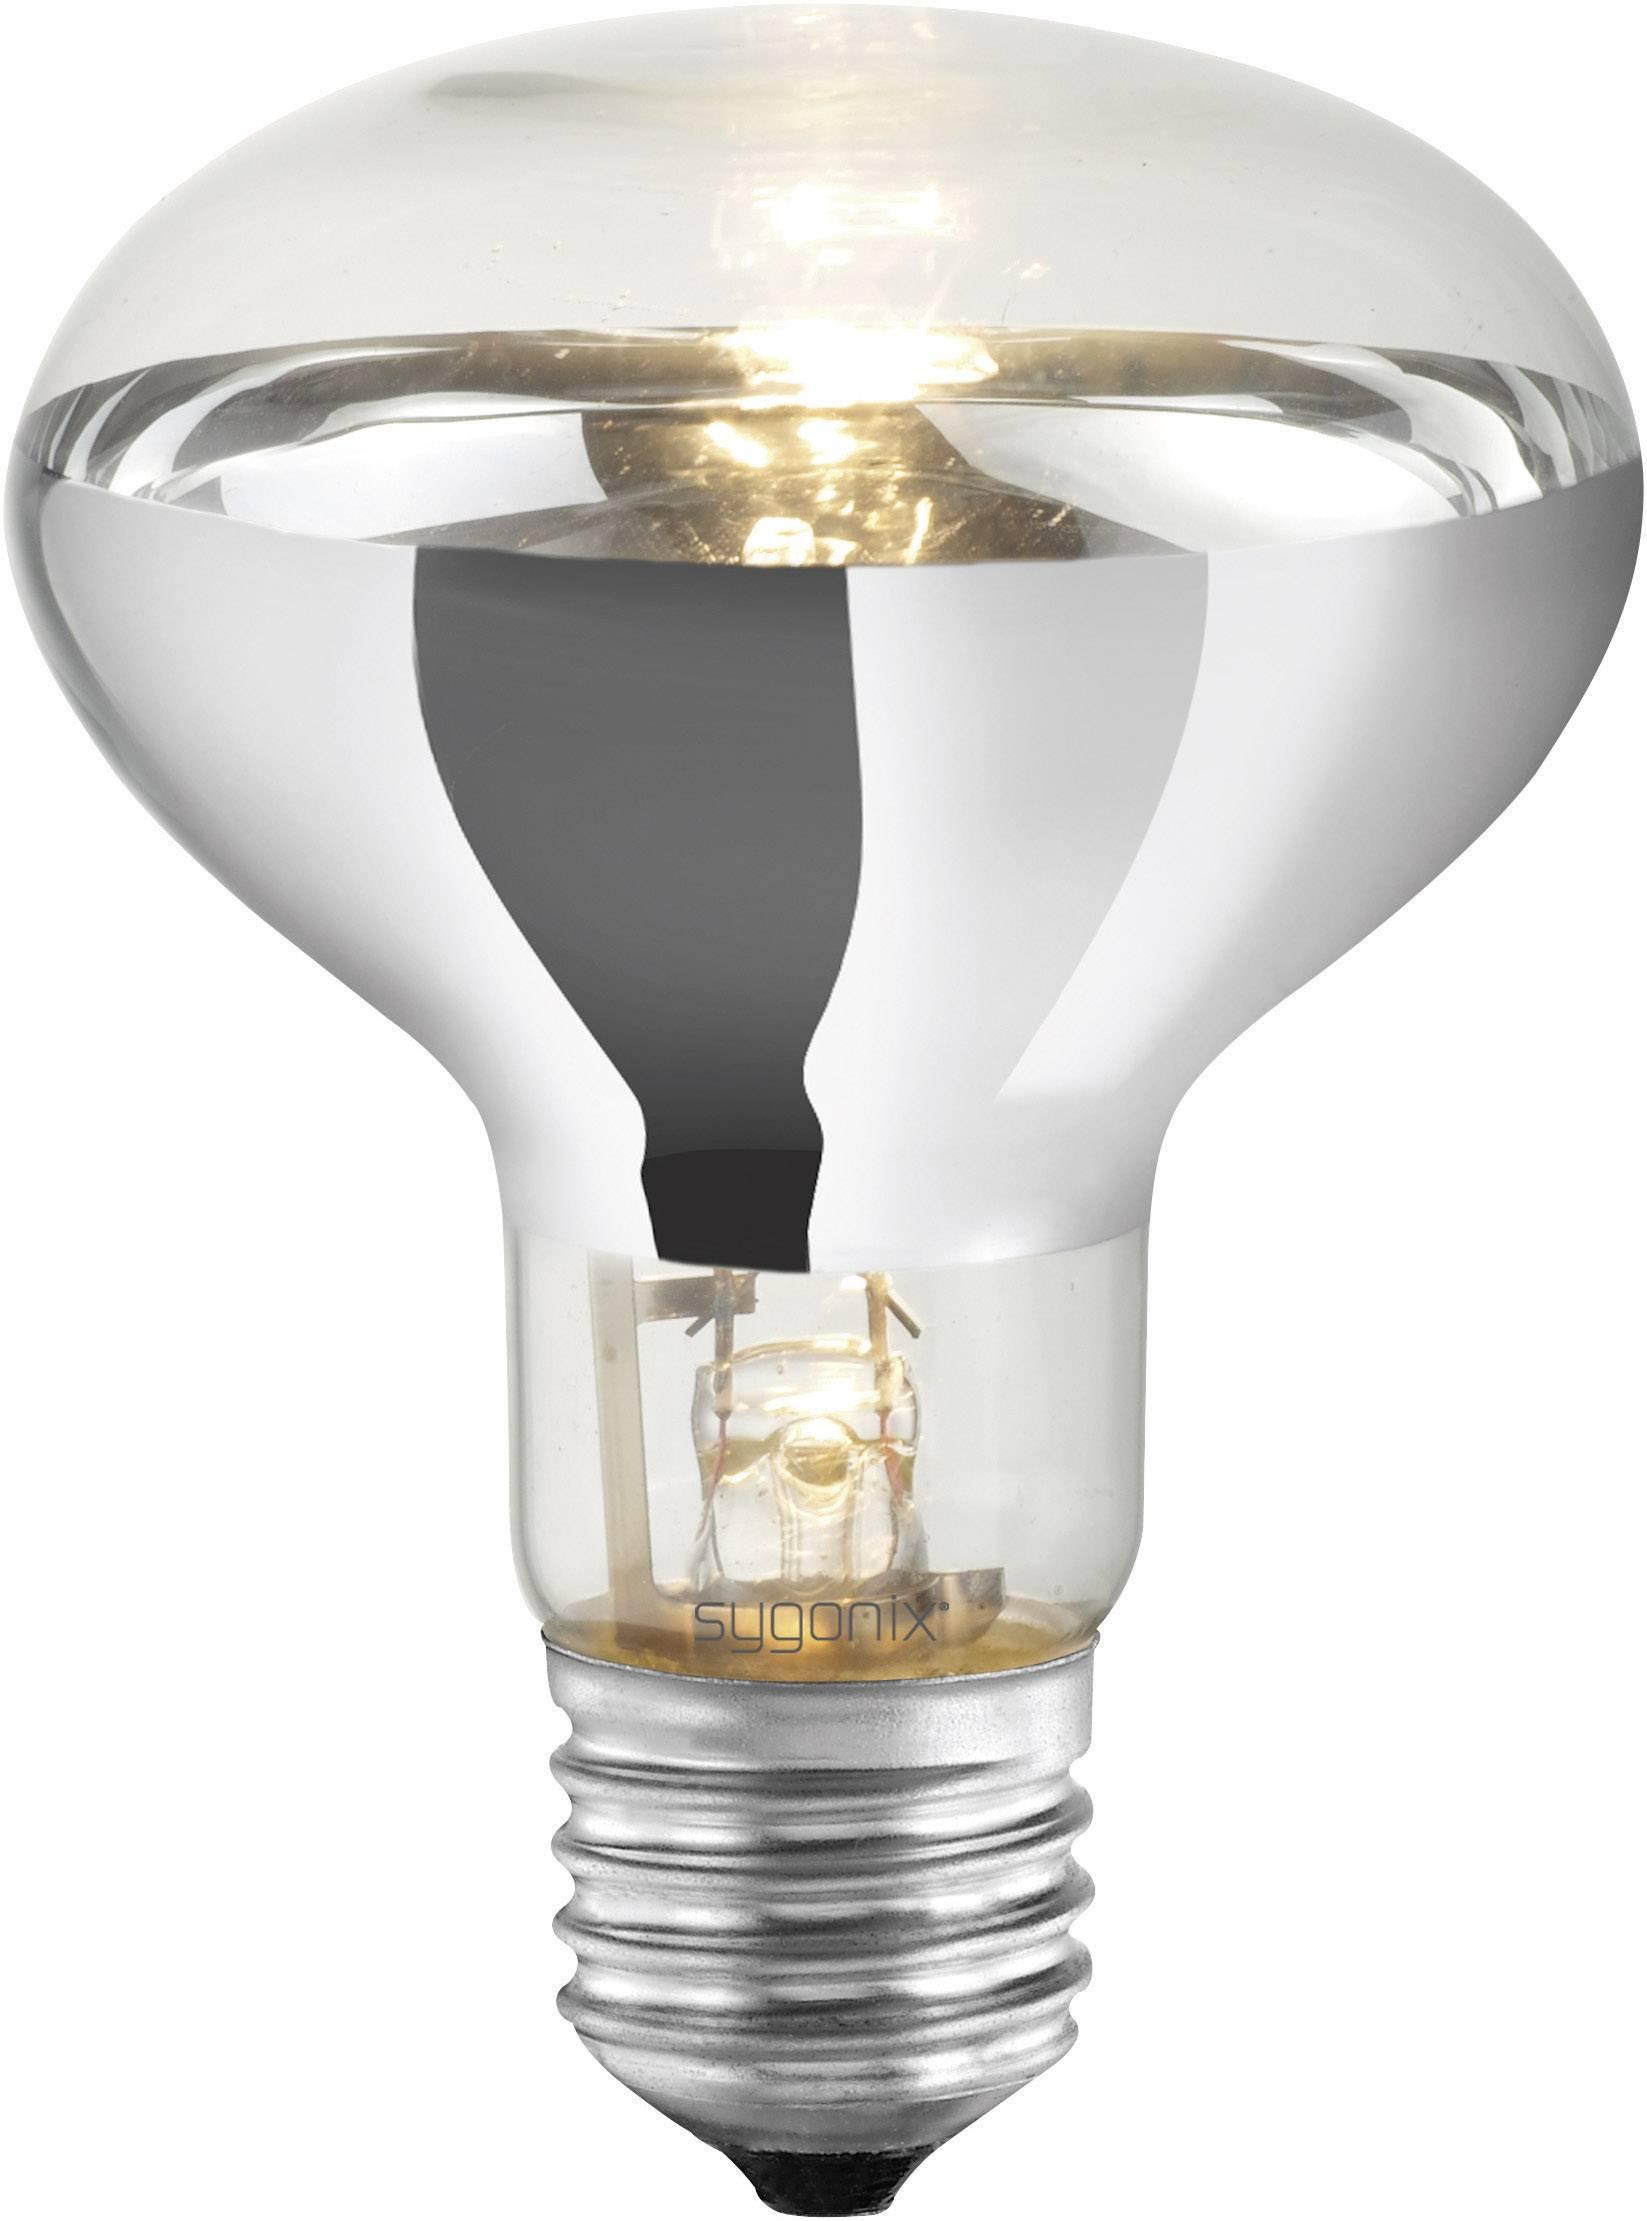 ECO halogénová žiarovka Sygonix 230 V, E27, 42 W, en.trieda: C, teplá biela, 1 ks